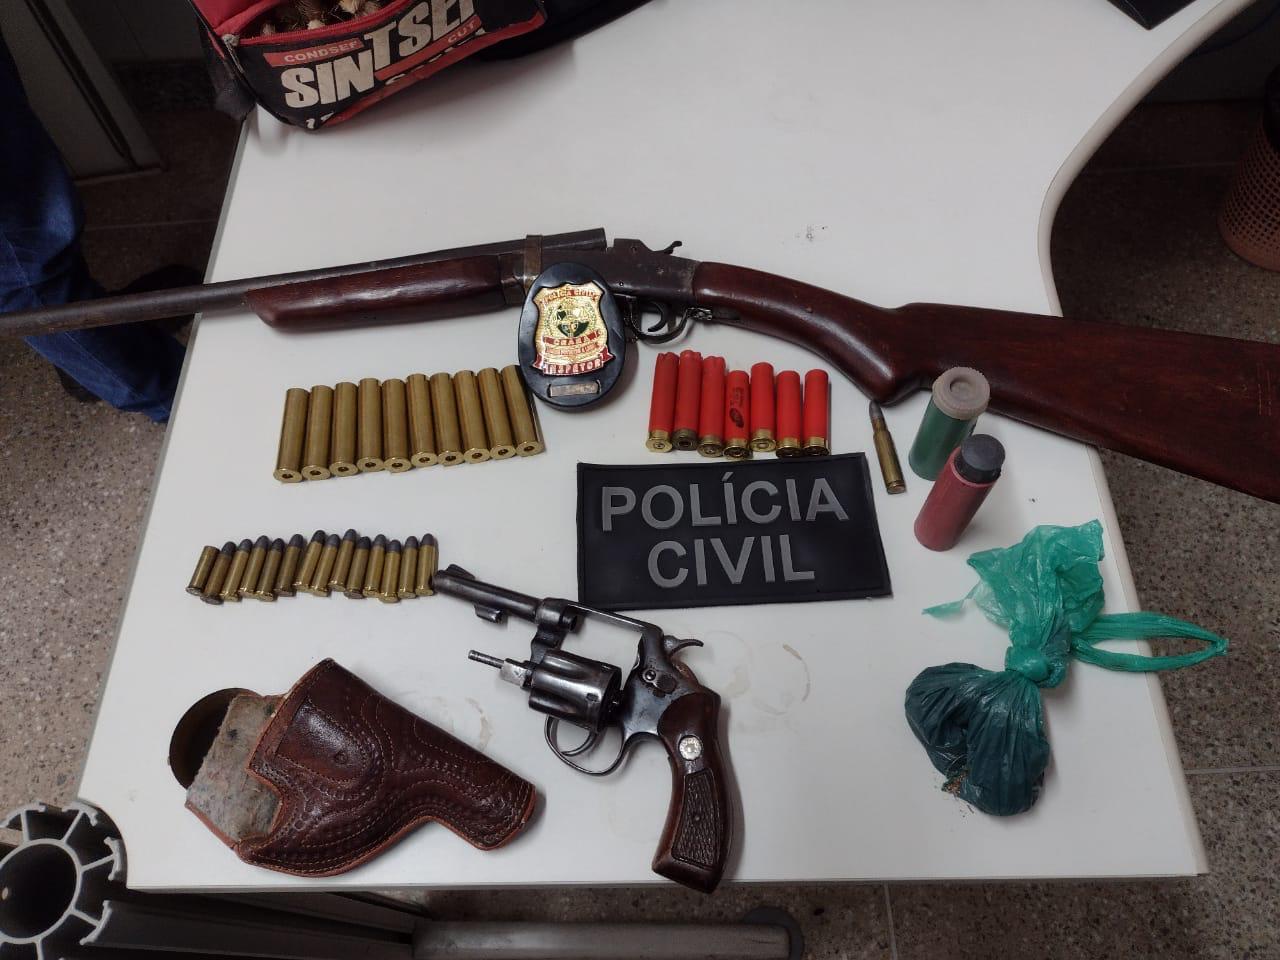 Armas e munições são apreendidas durante cumprimento de mandados de busca e apreensão em Crato